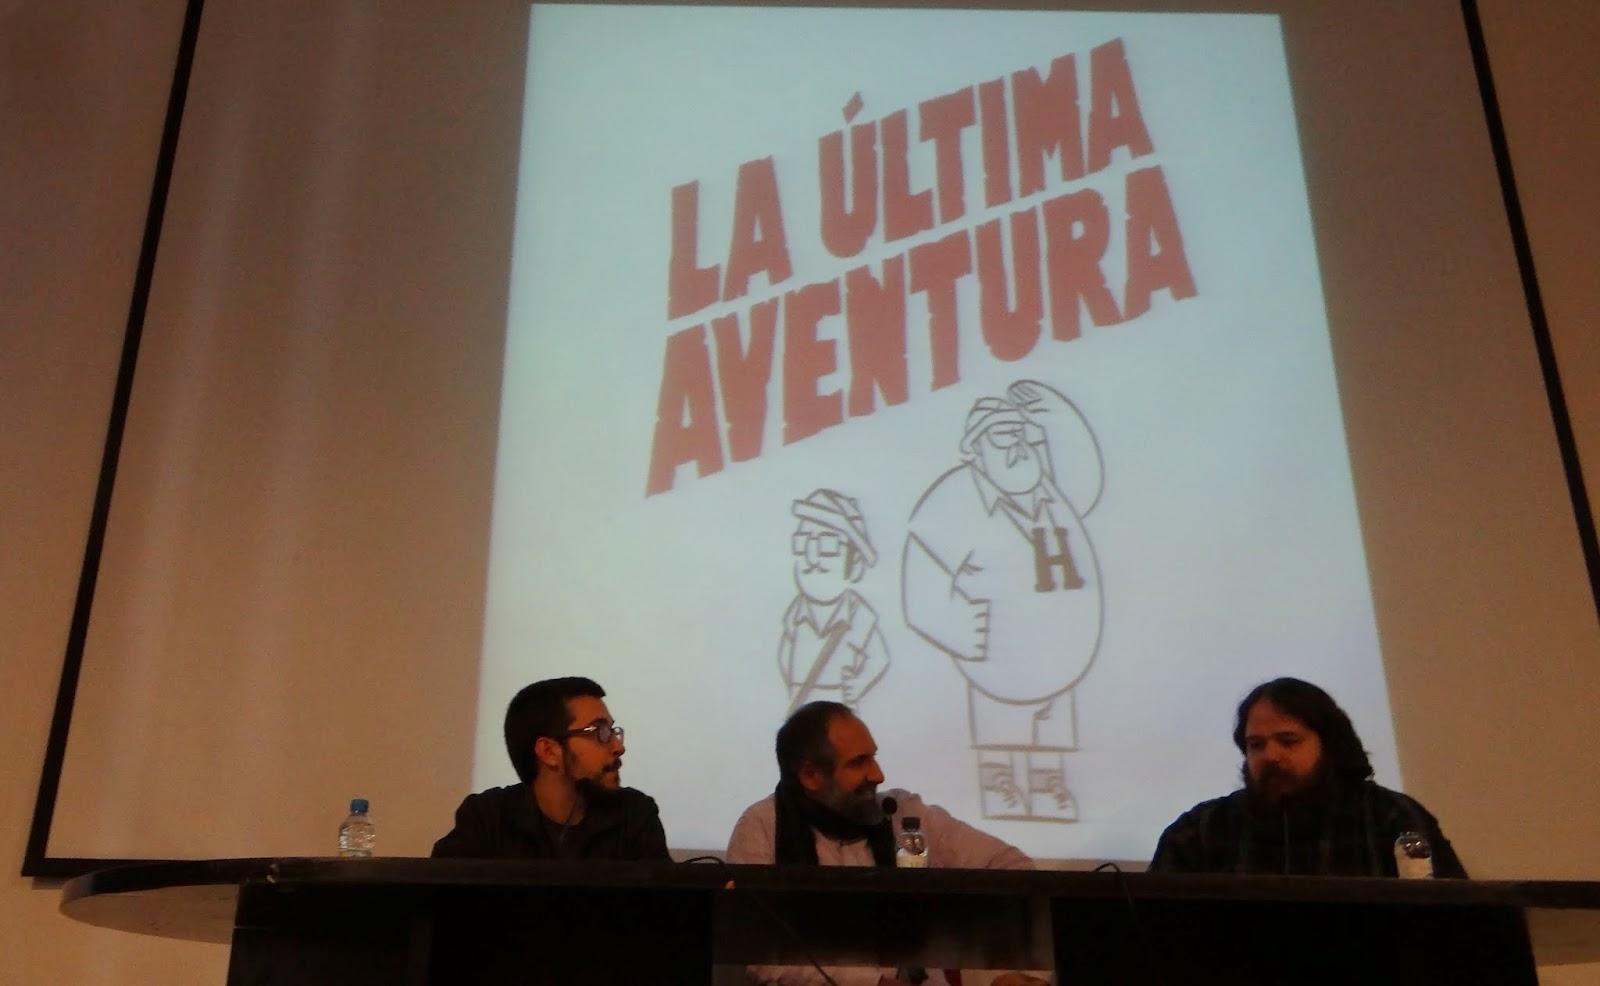 CCT- Comic Ciencia Tecnologia- Jordi Ojeda: Audio de la presentación ...